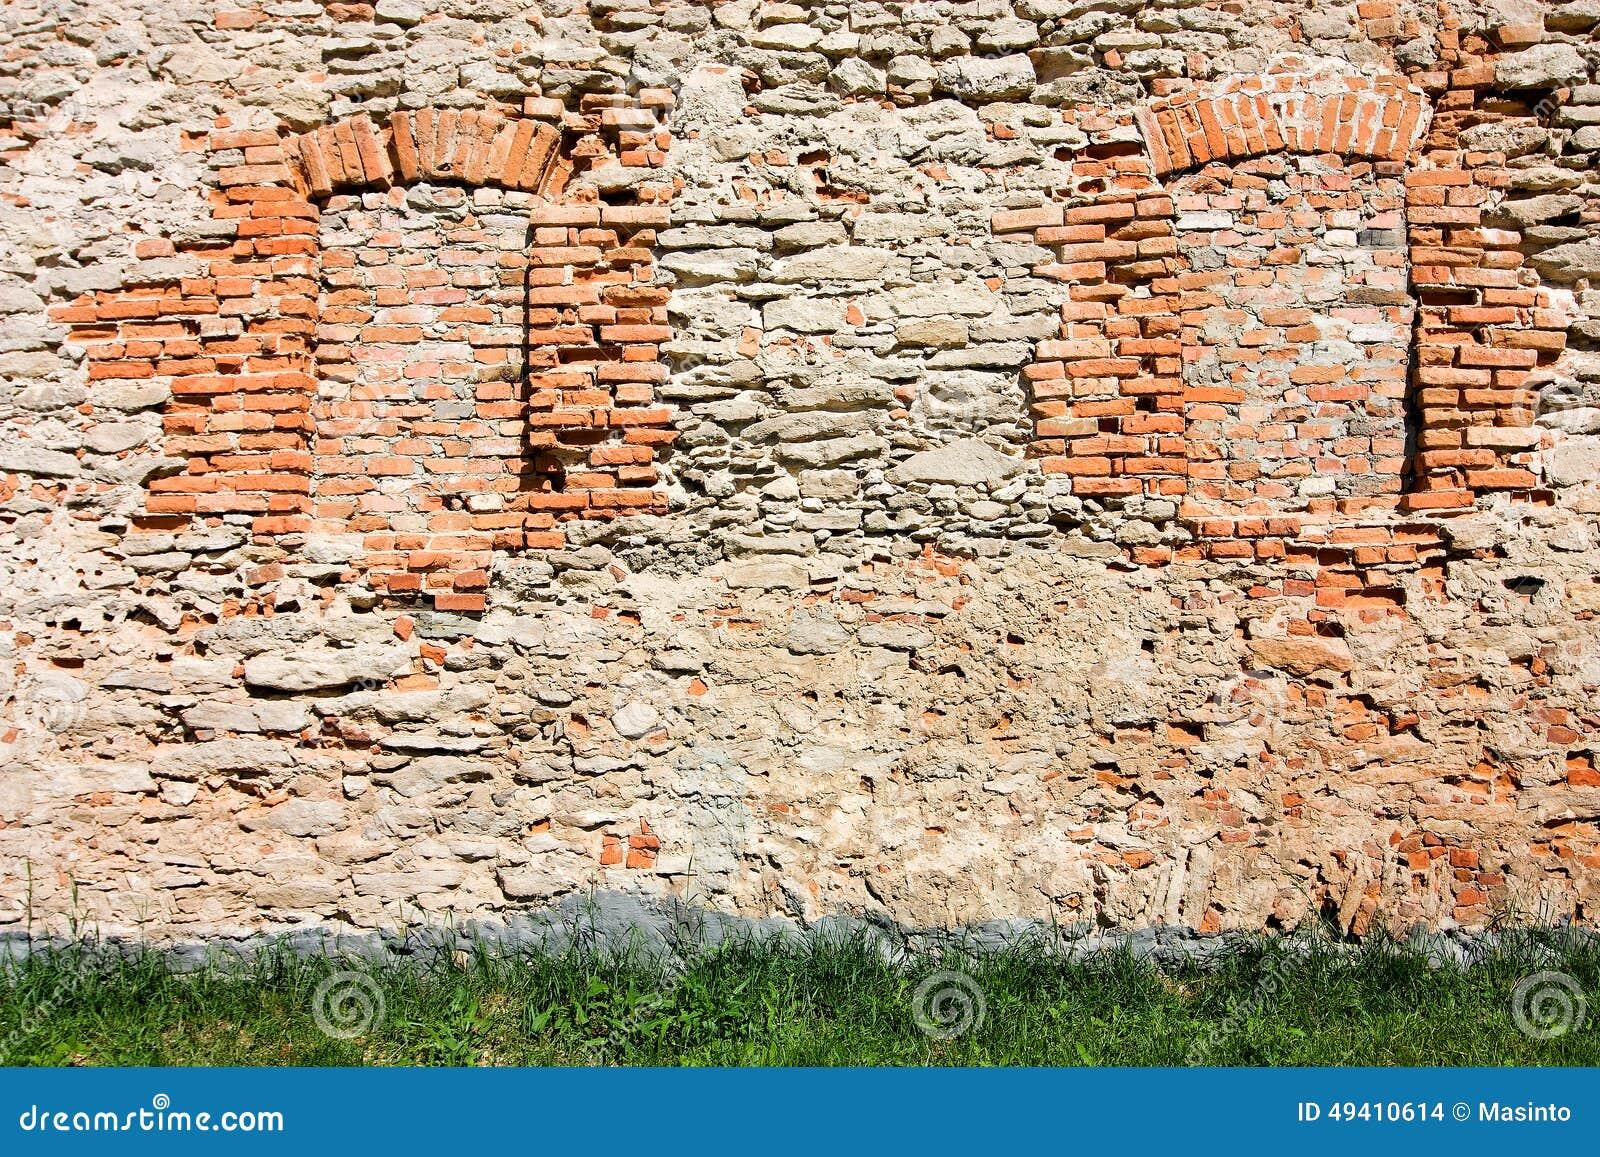 Download Bricked herauf Fenster stockfoto. Bild von hintergründe - 49410614